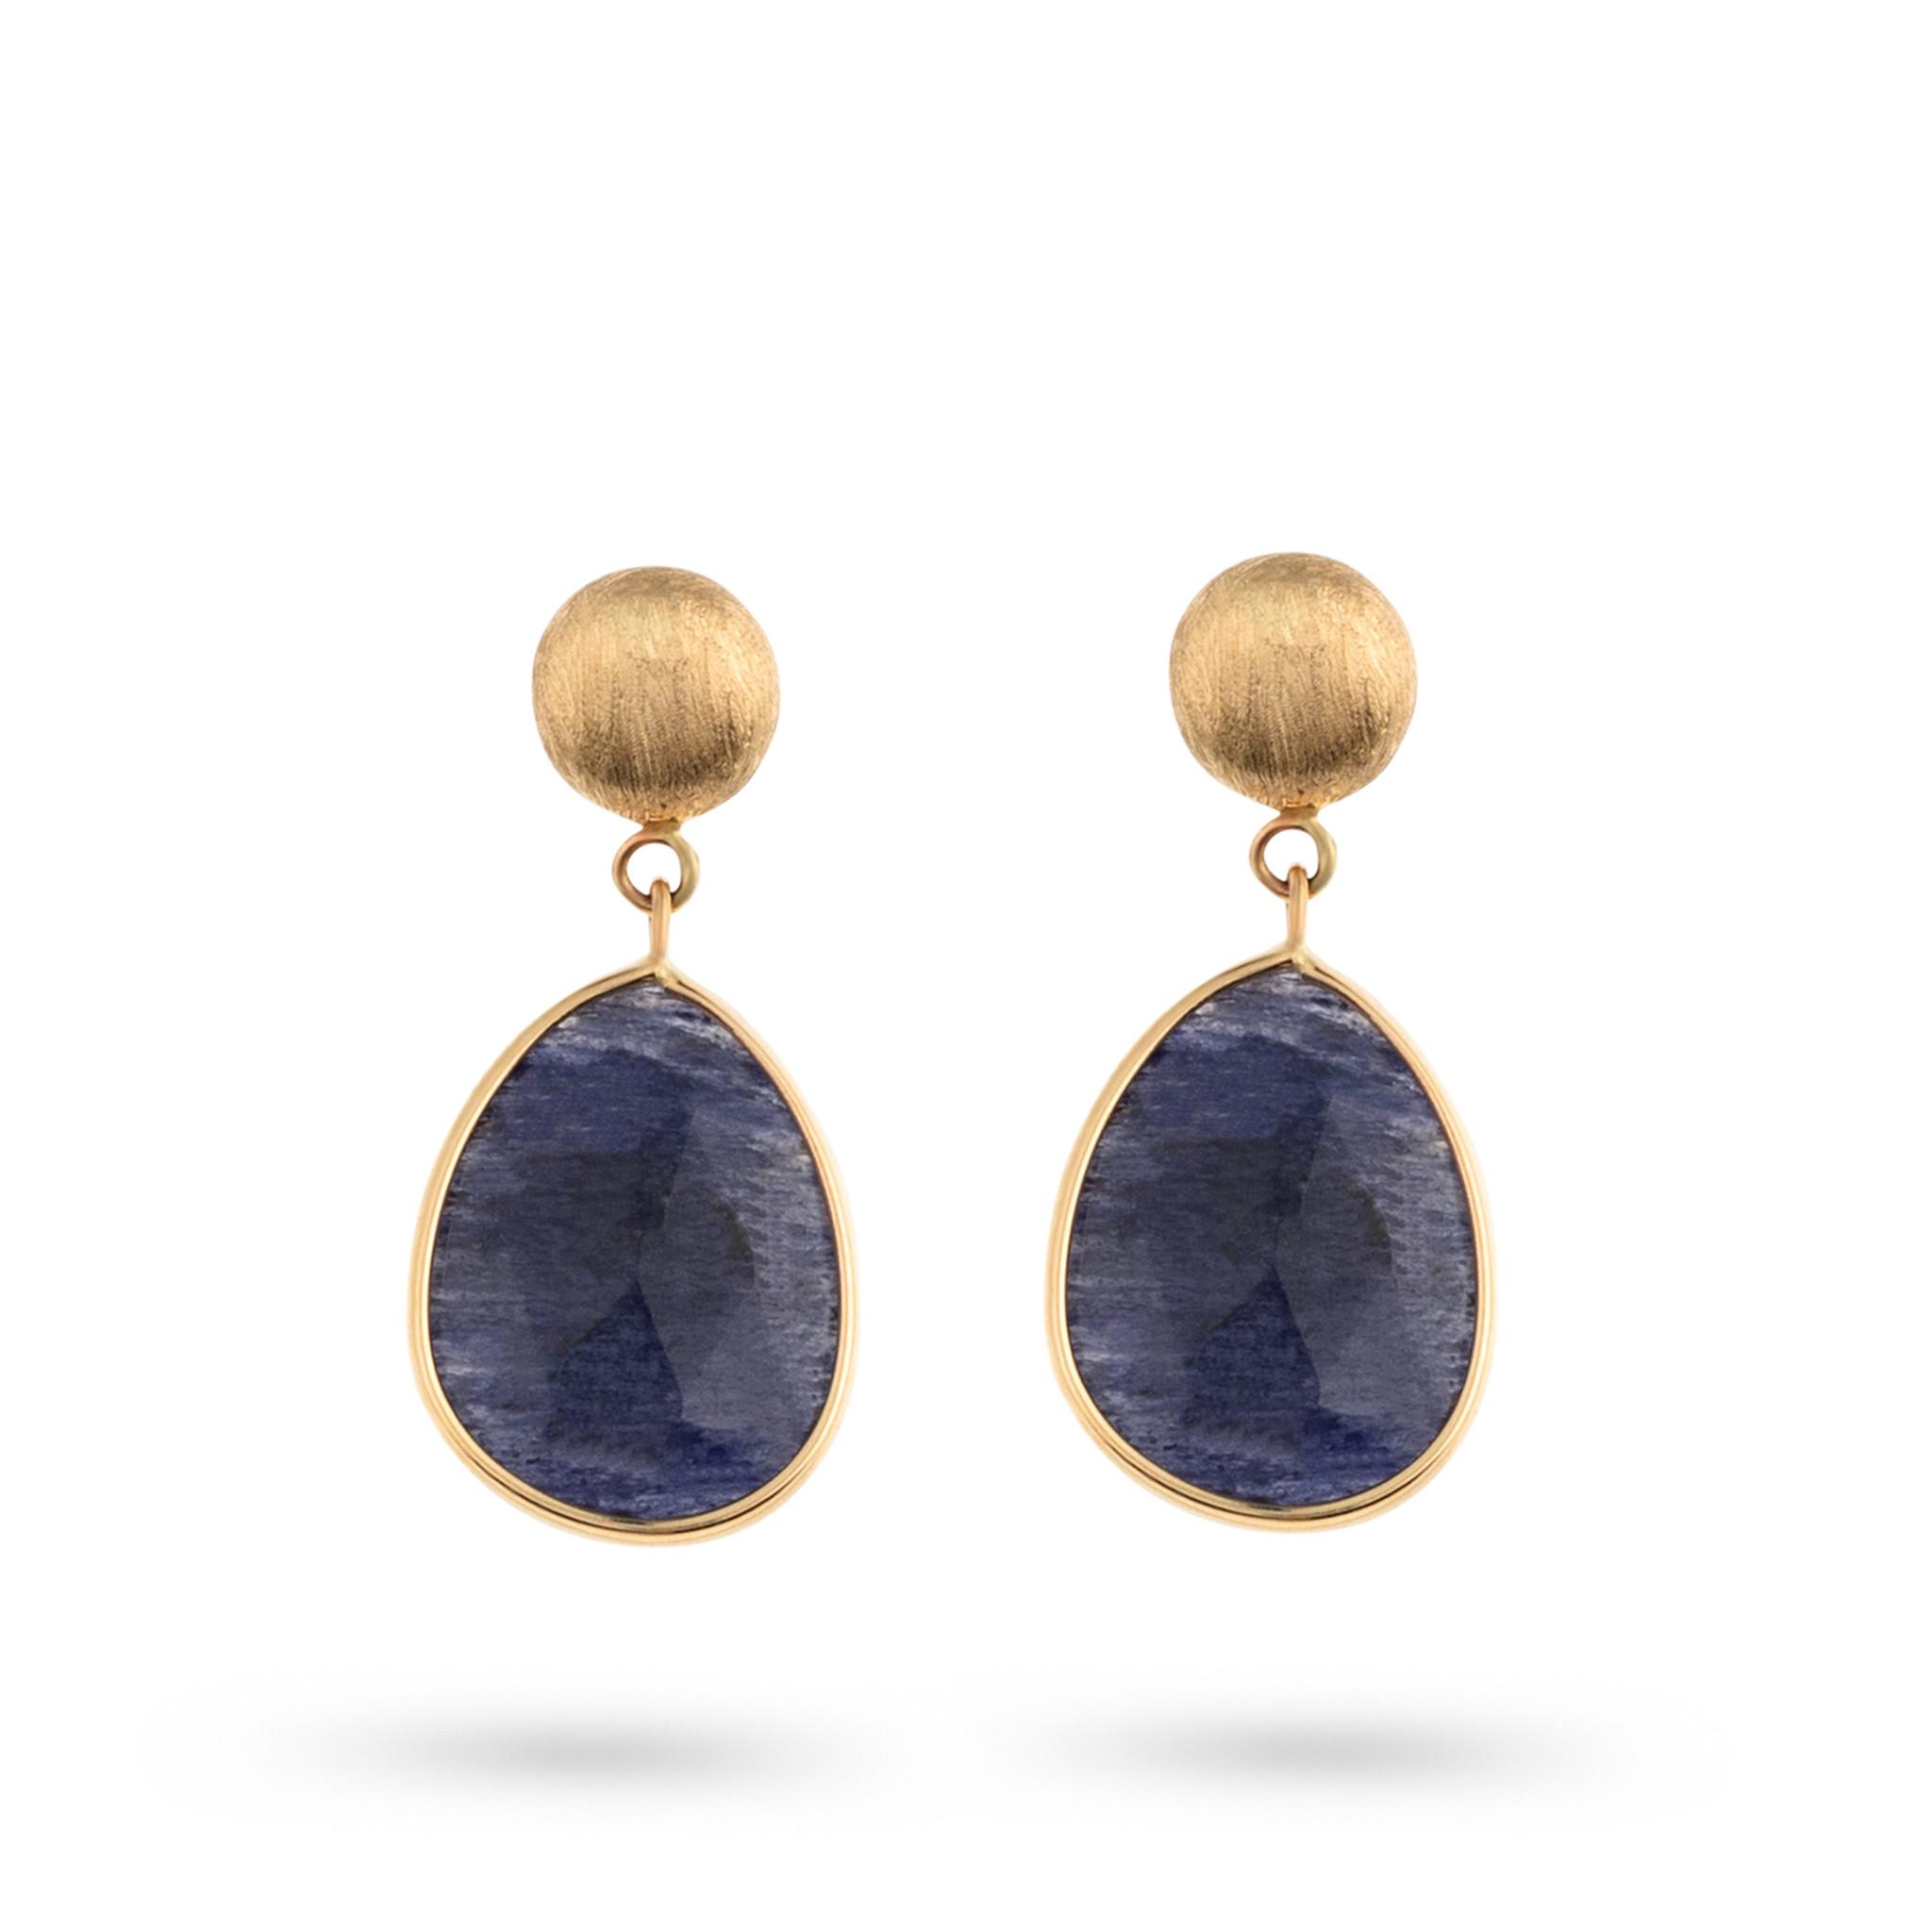 Italo Bottene Italo Bottene Tinta 14kt geelgouden oorhangers met blauw quartz